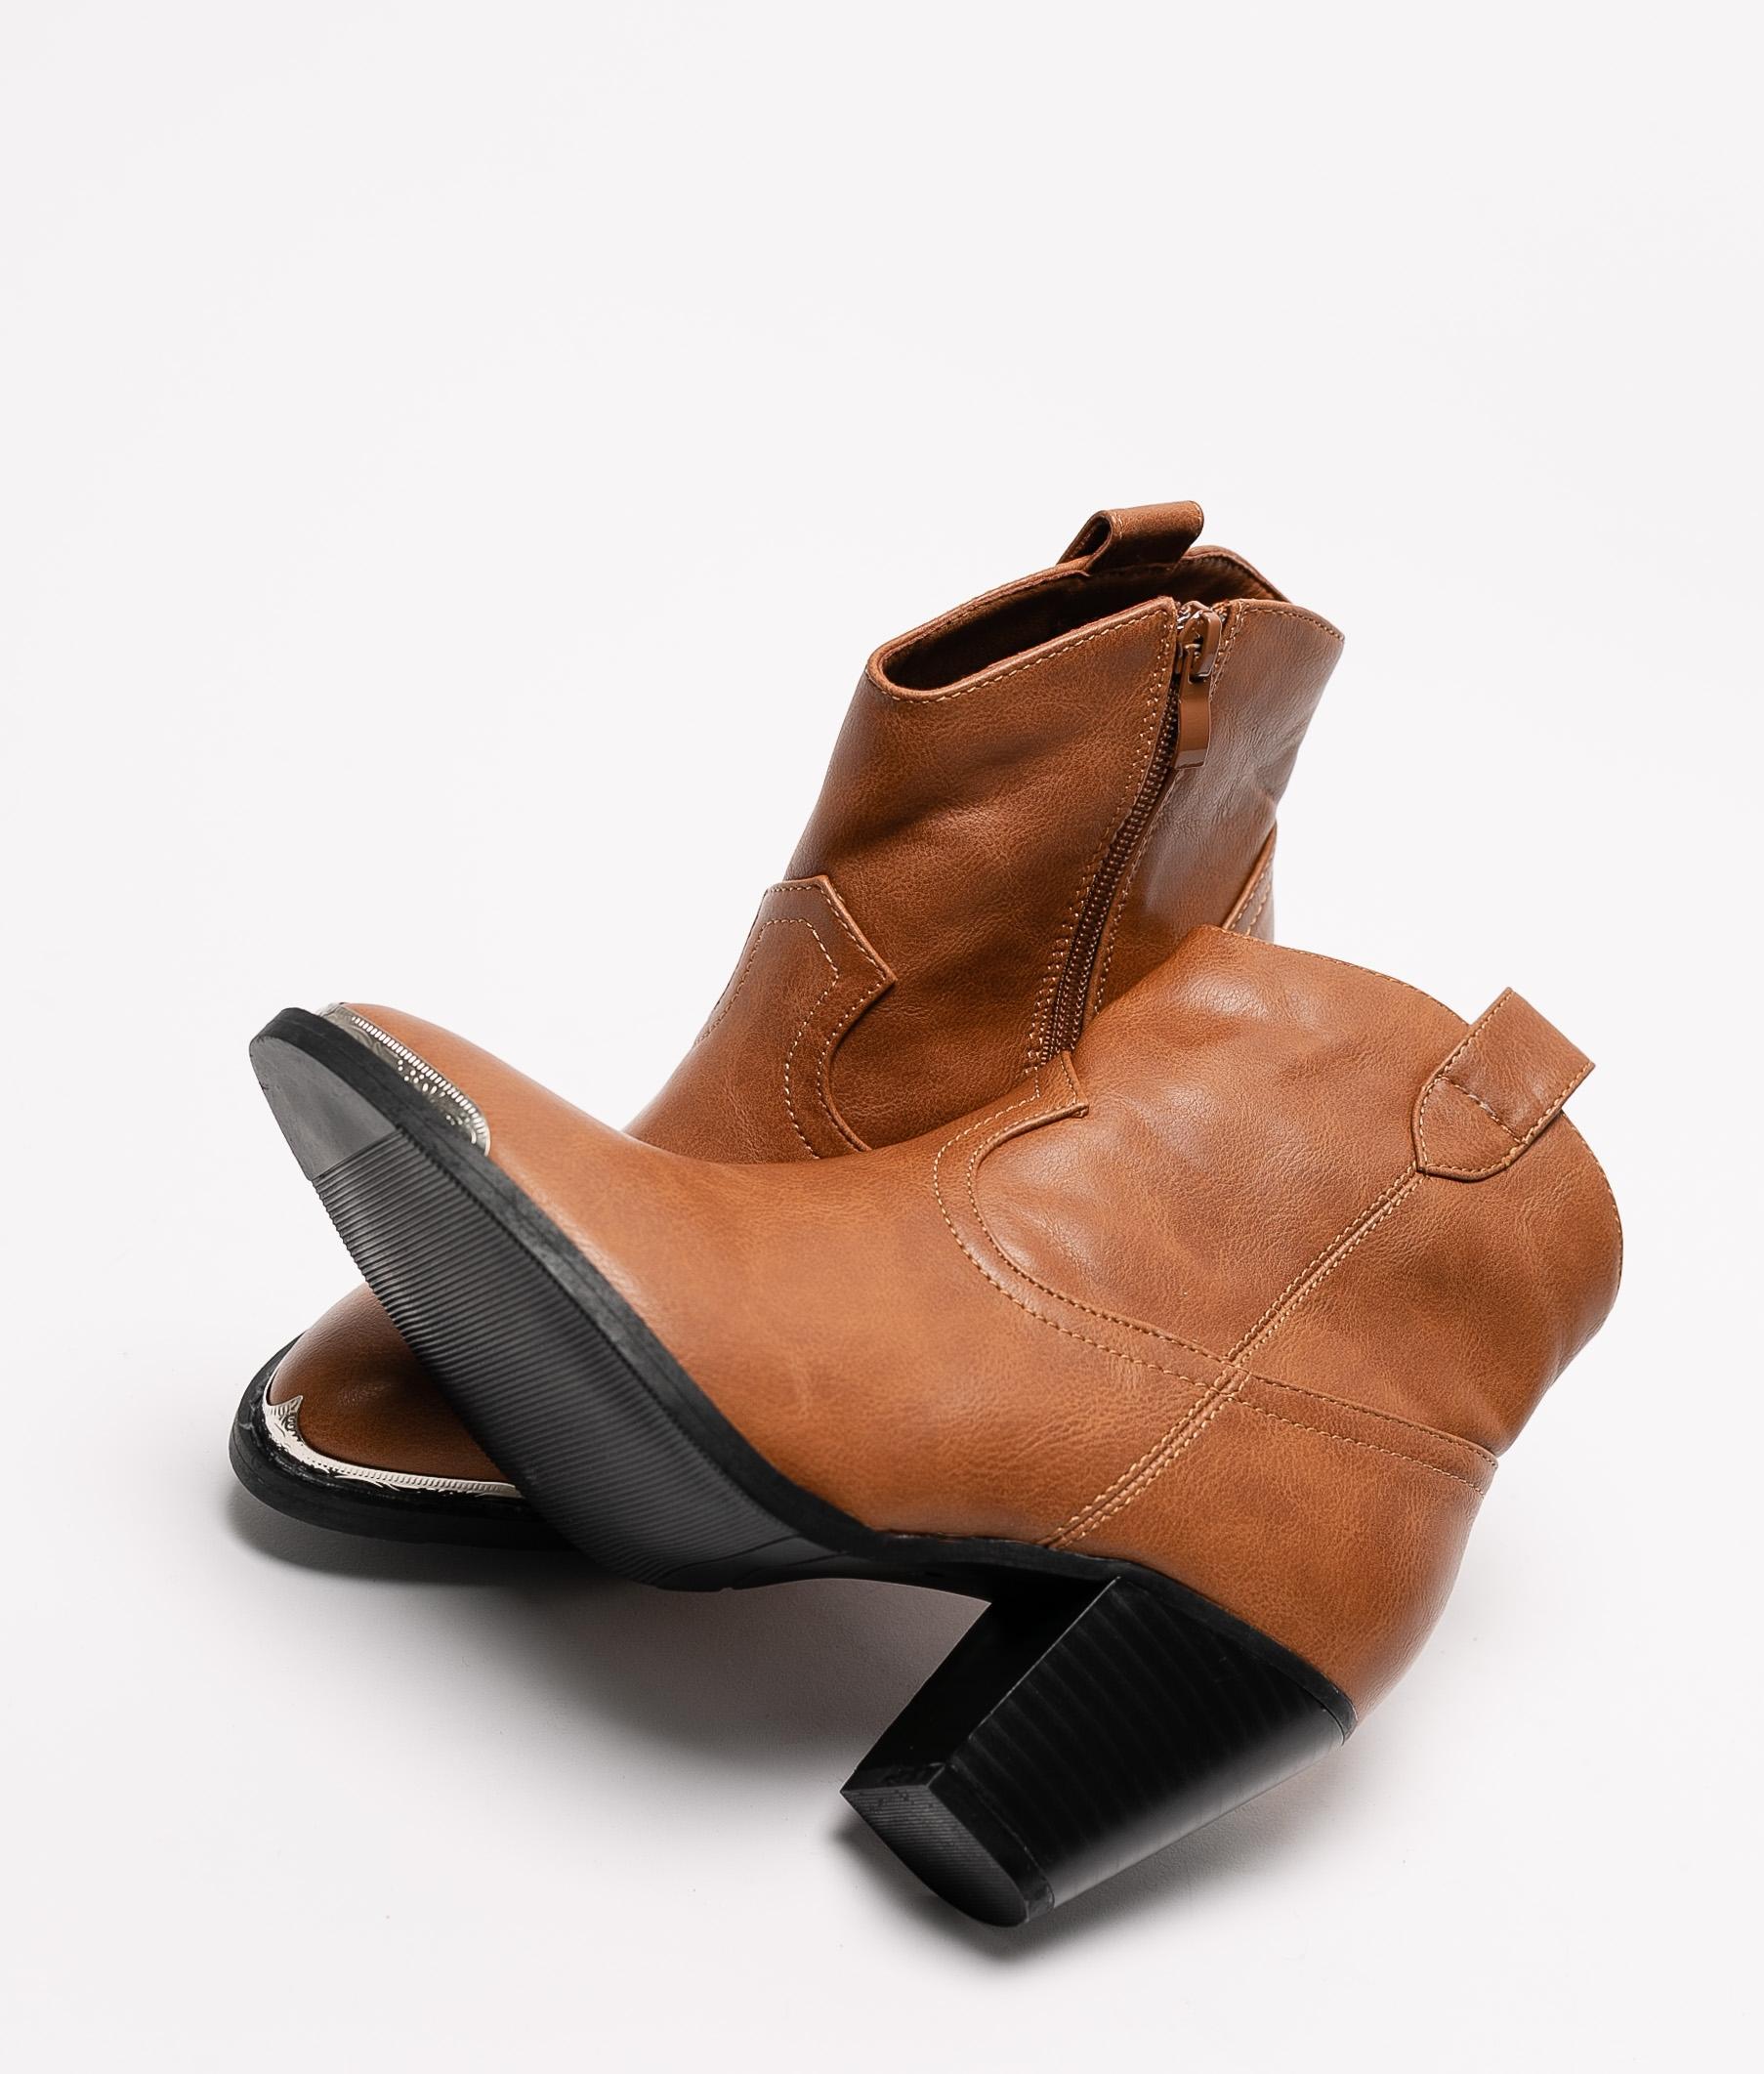 Low Boot Randa - Camel